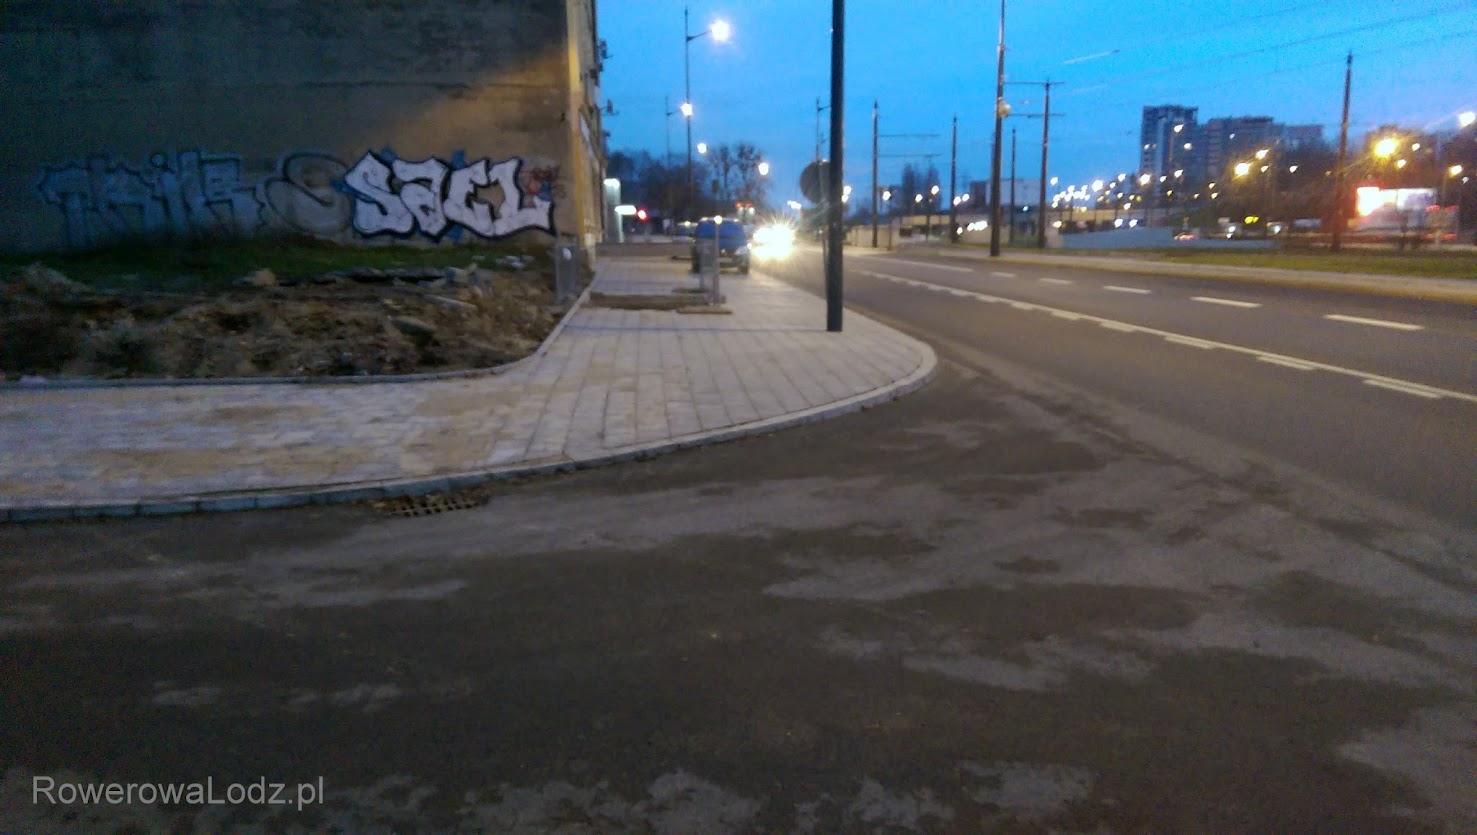 I żeby kogoś nie kusiło aby sobie skracać drogę albo rowerem pojechać prosto... krawężnik.